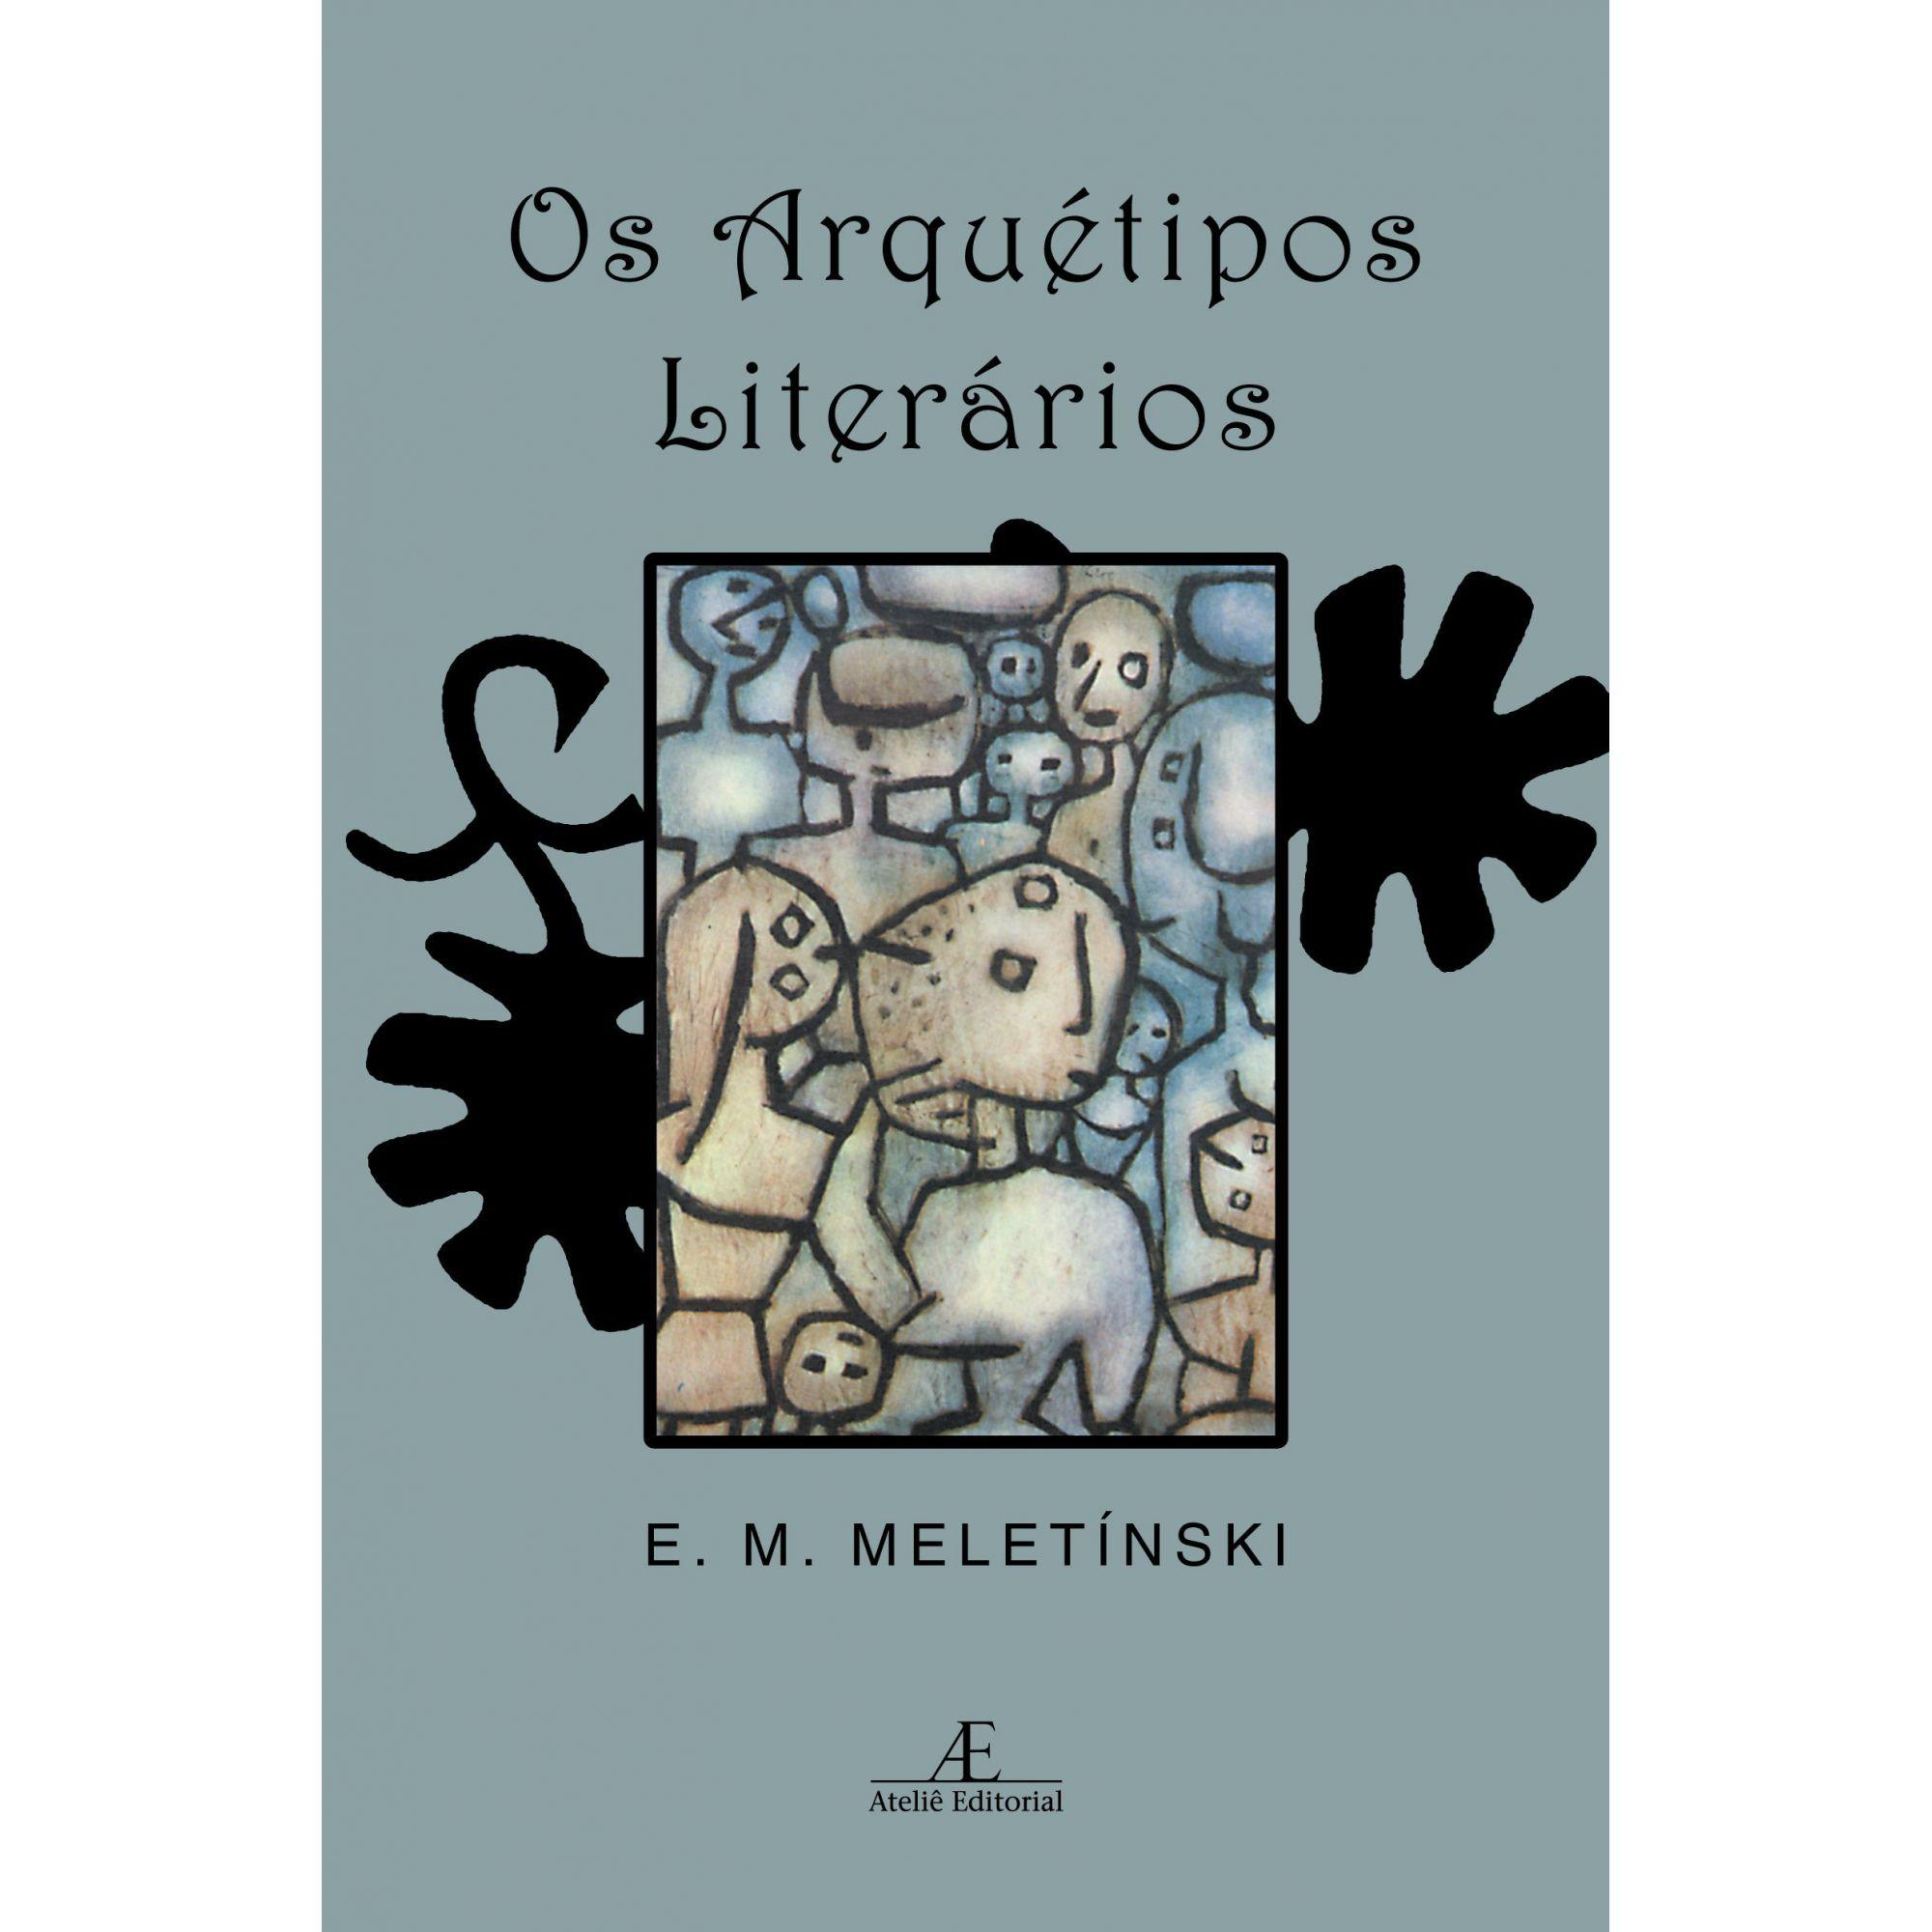 Os Arquétipos Literários